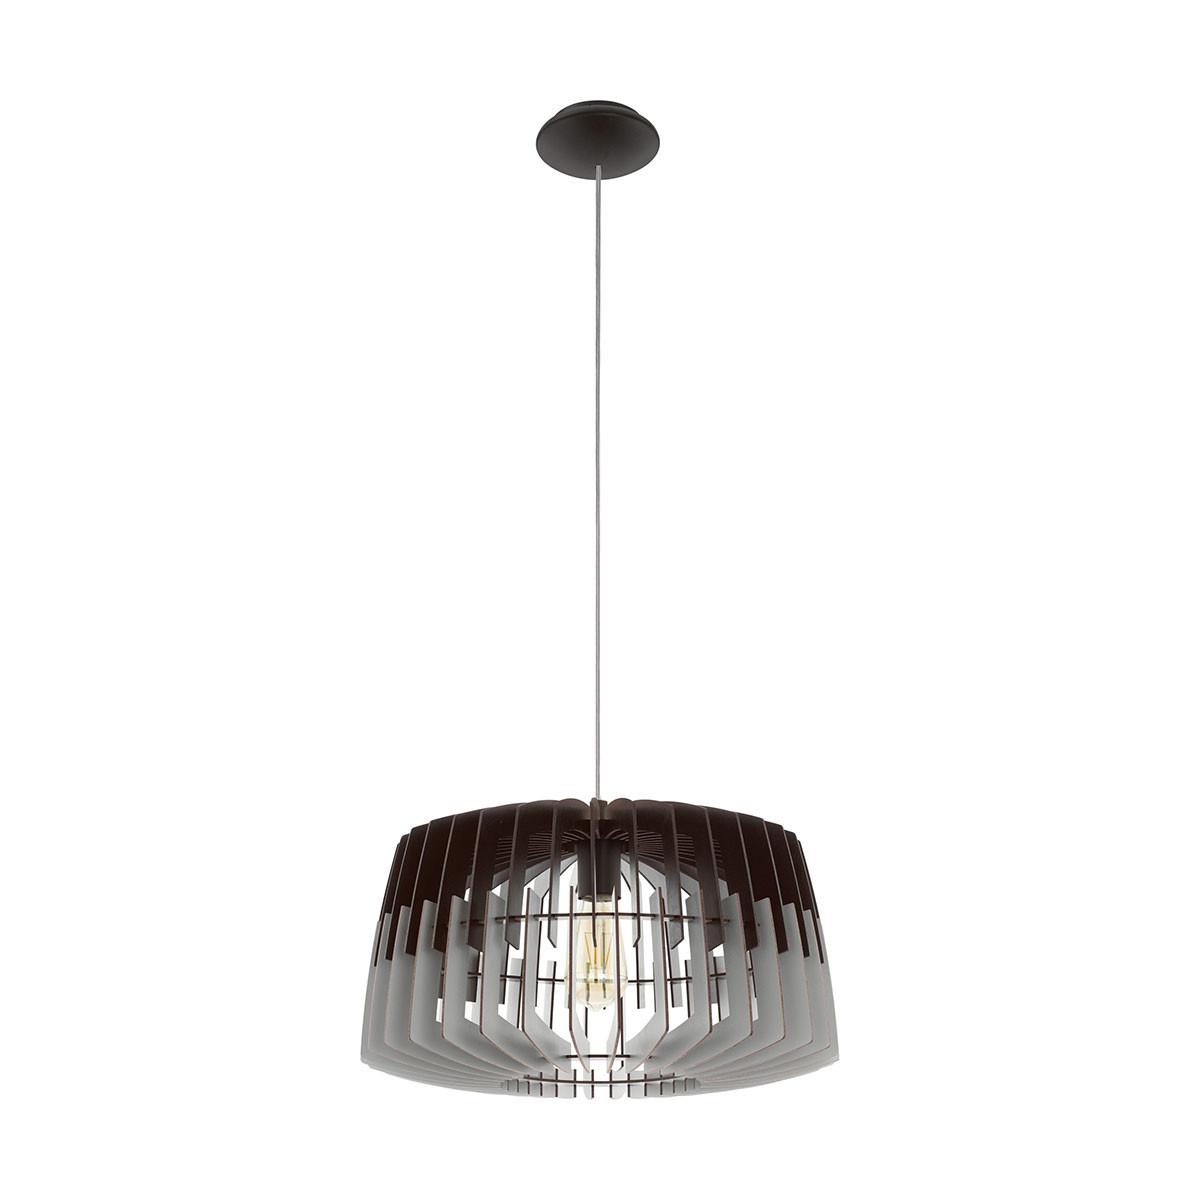 Φωτιστικό Οροφής Μονόφωτο Eglo Artana 96956